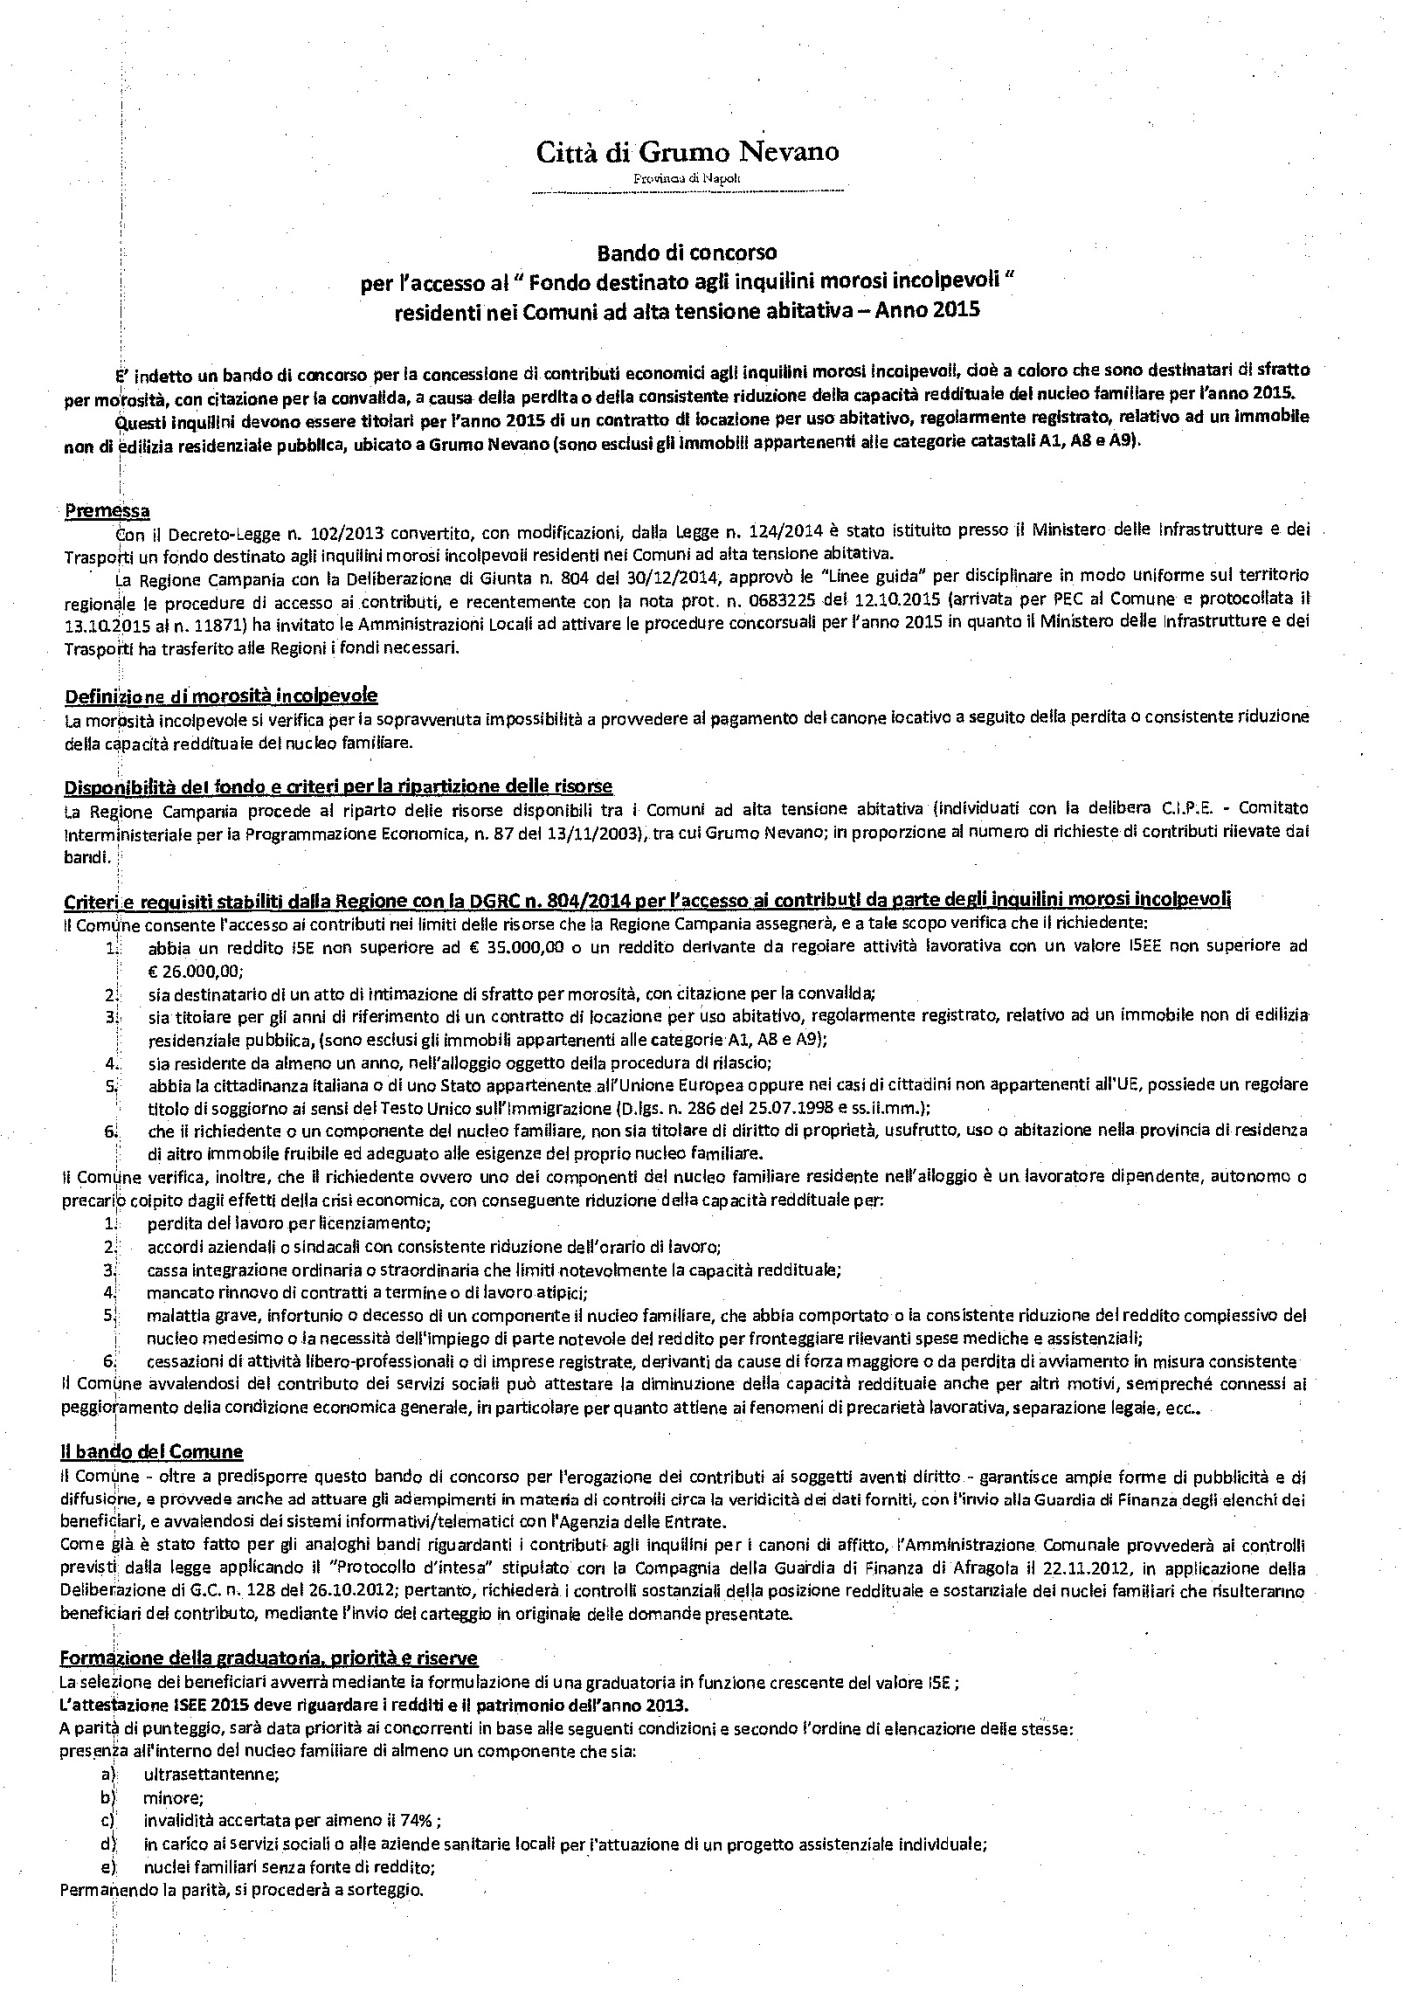 BANDO  - FONDO DESTINATO AGLI INQUILINI MOROSI_Pagina_1_Immagine_0001